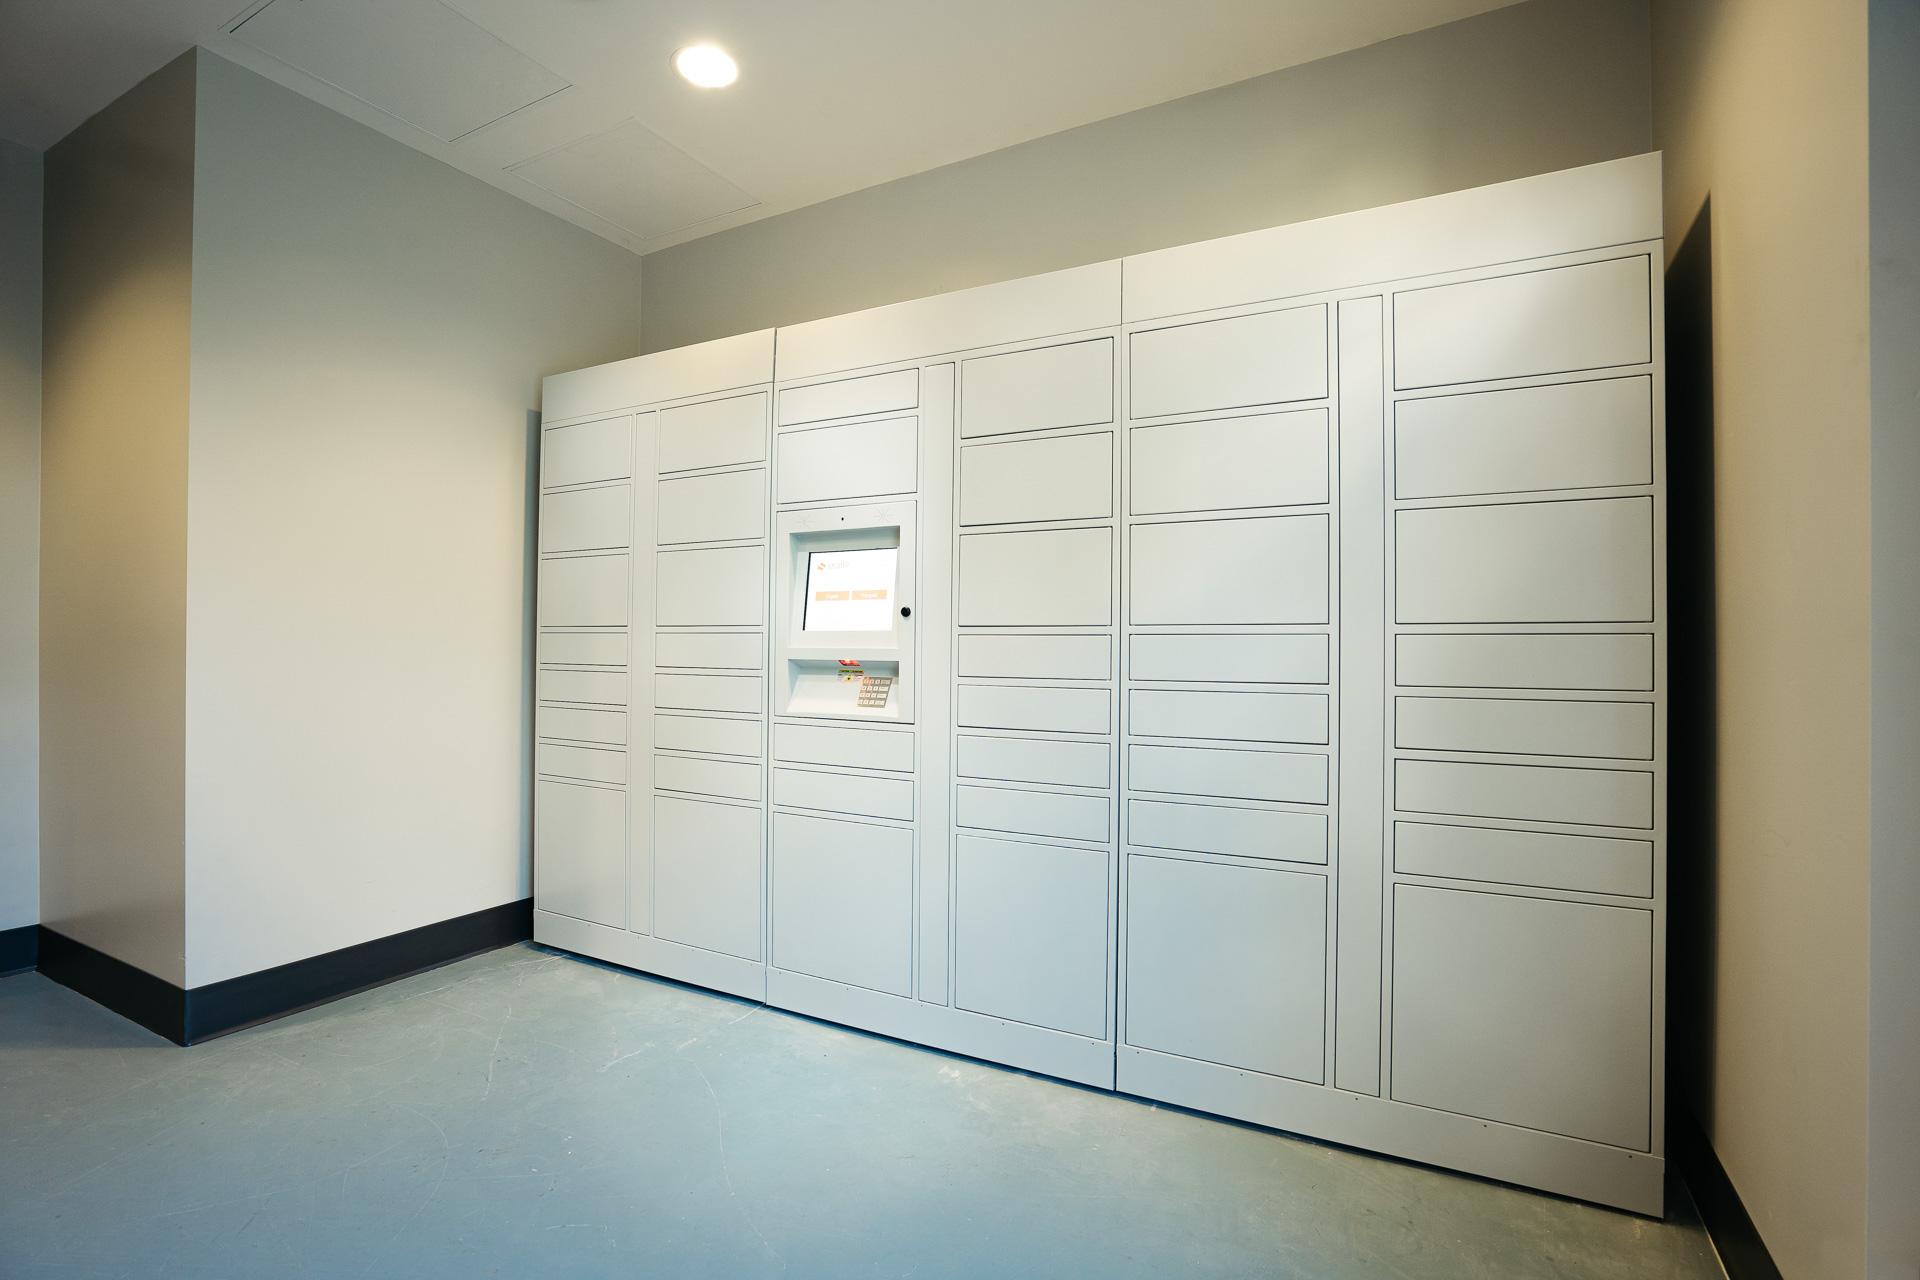 parcel storage lockers, Toronto, condos, rental